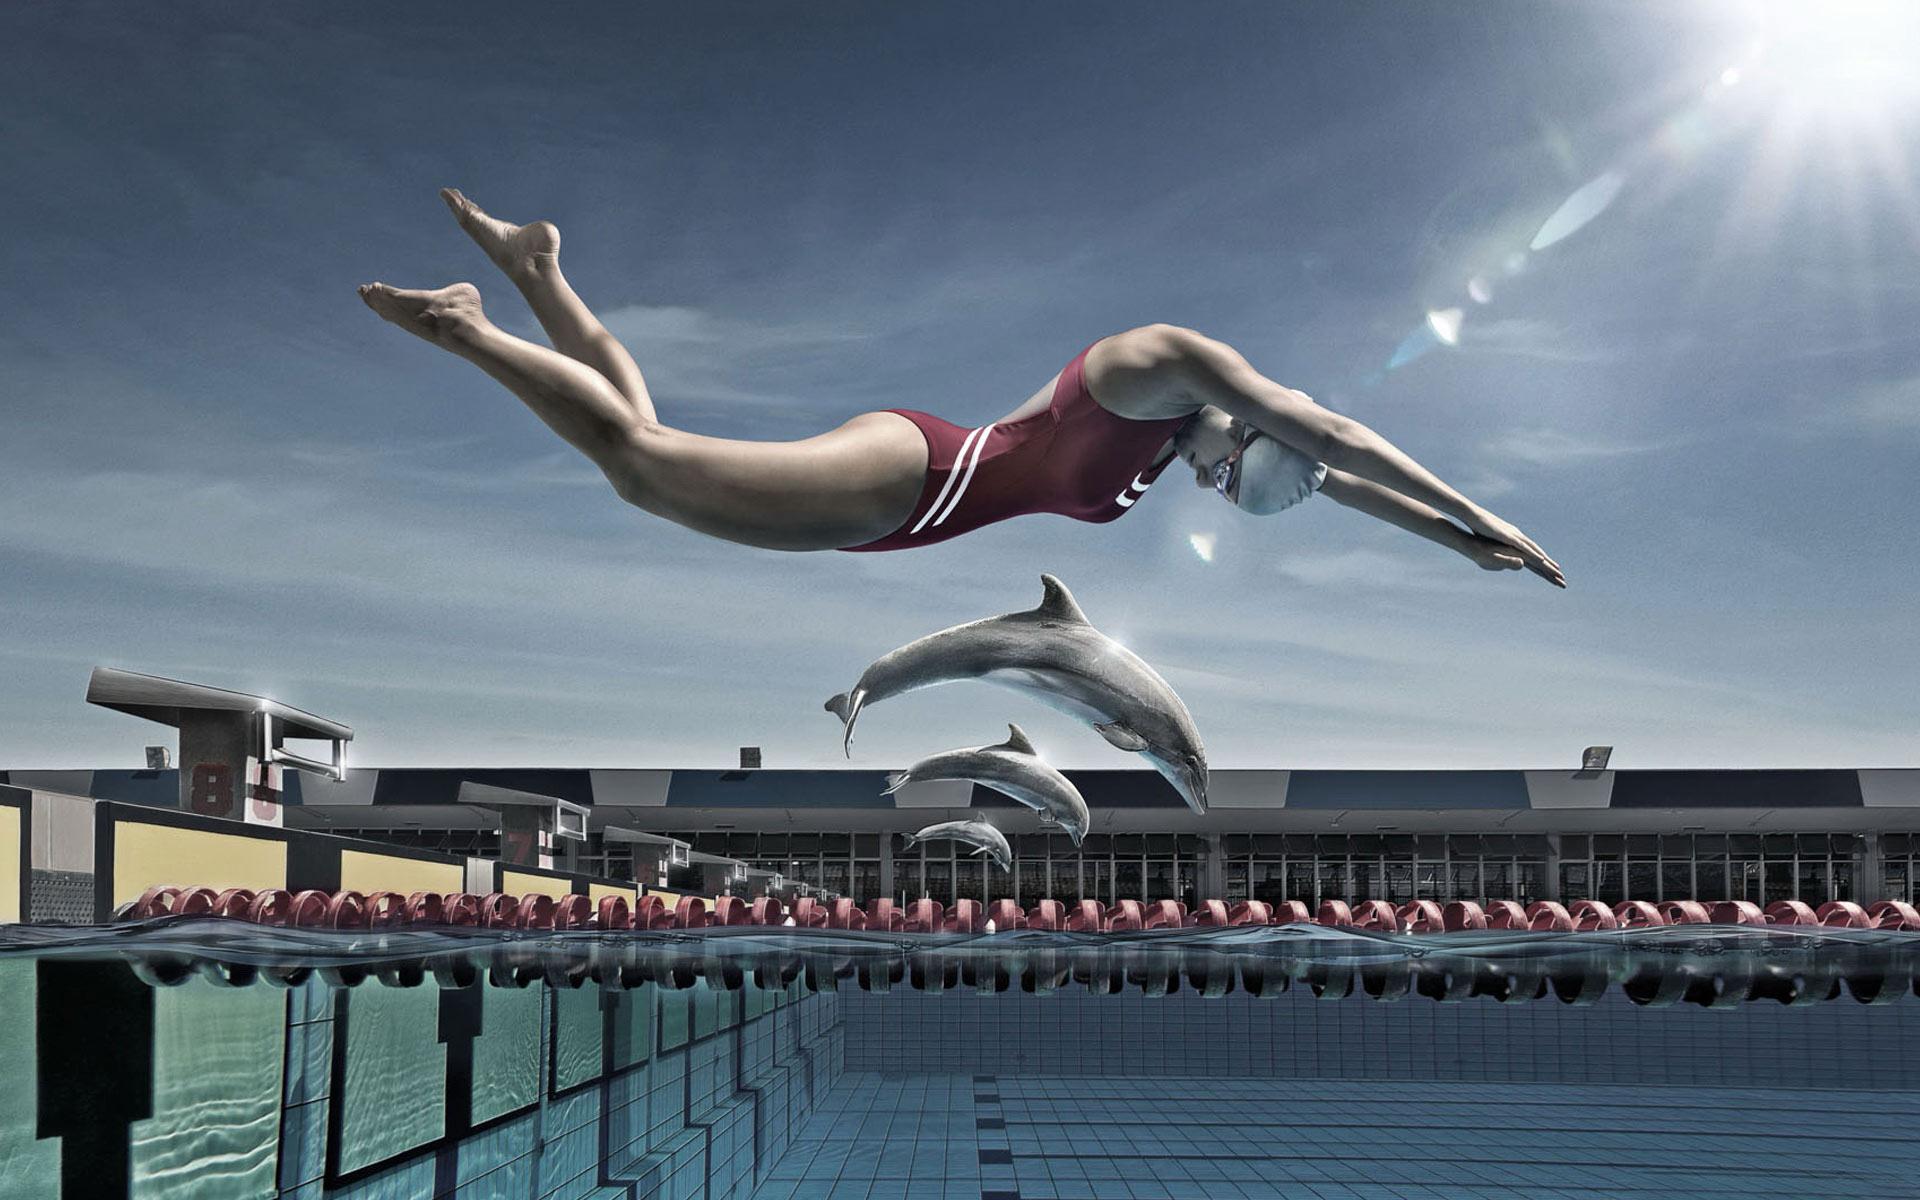 плавание фото картинки на рабочий стол чтобы навес подходил